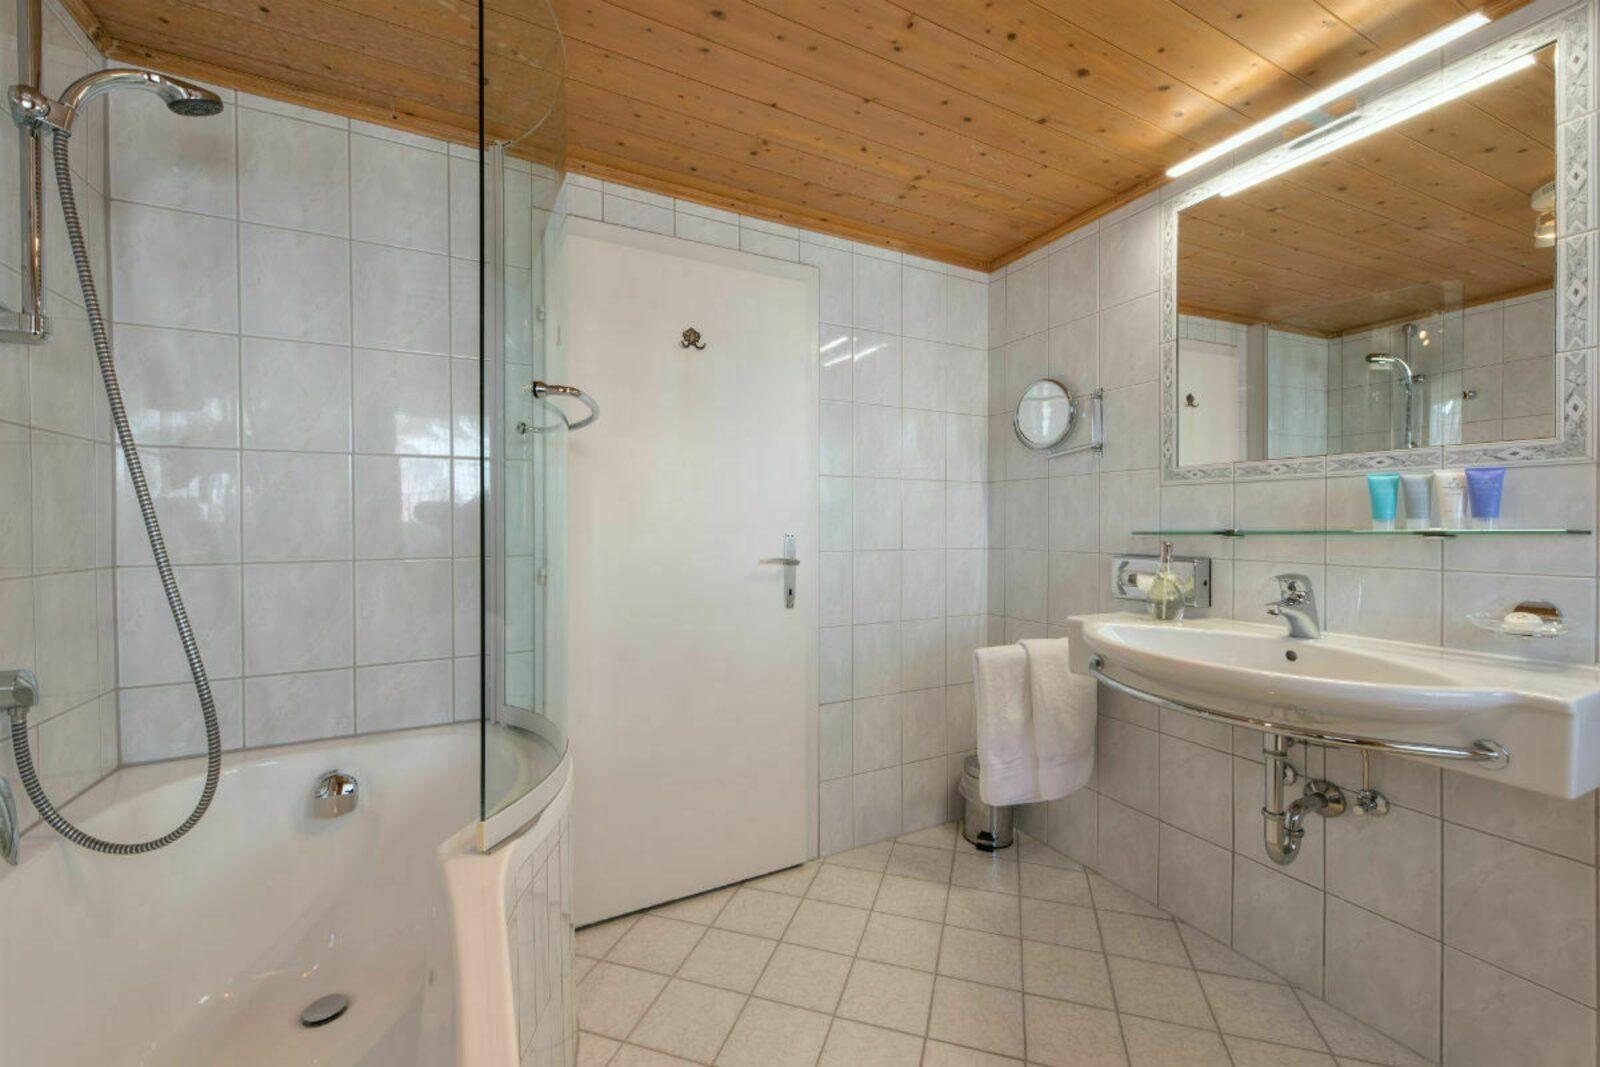 Hotelkamer Standaard | 2 Pers.